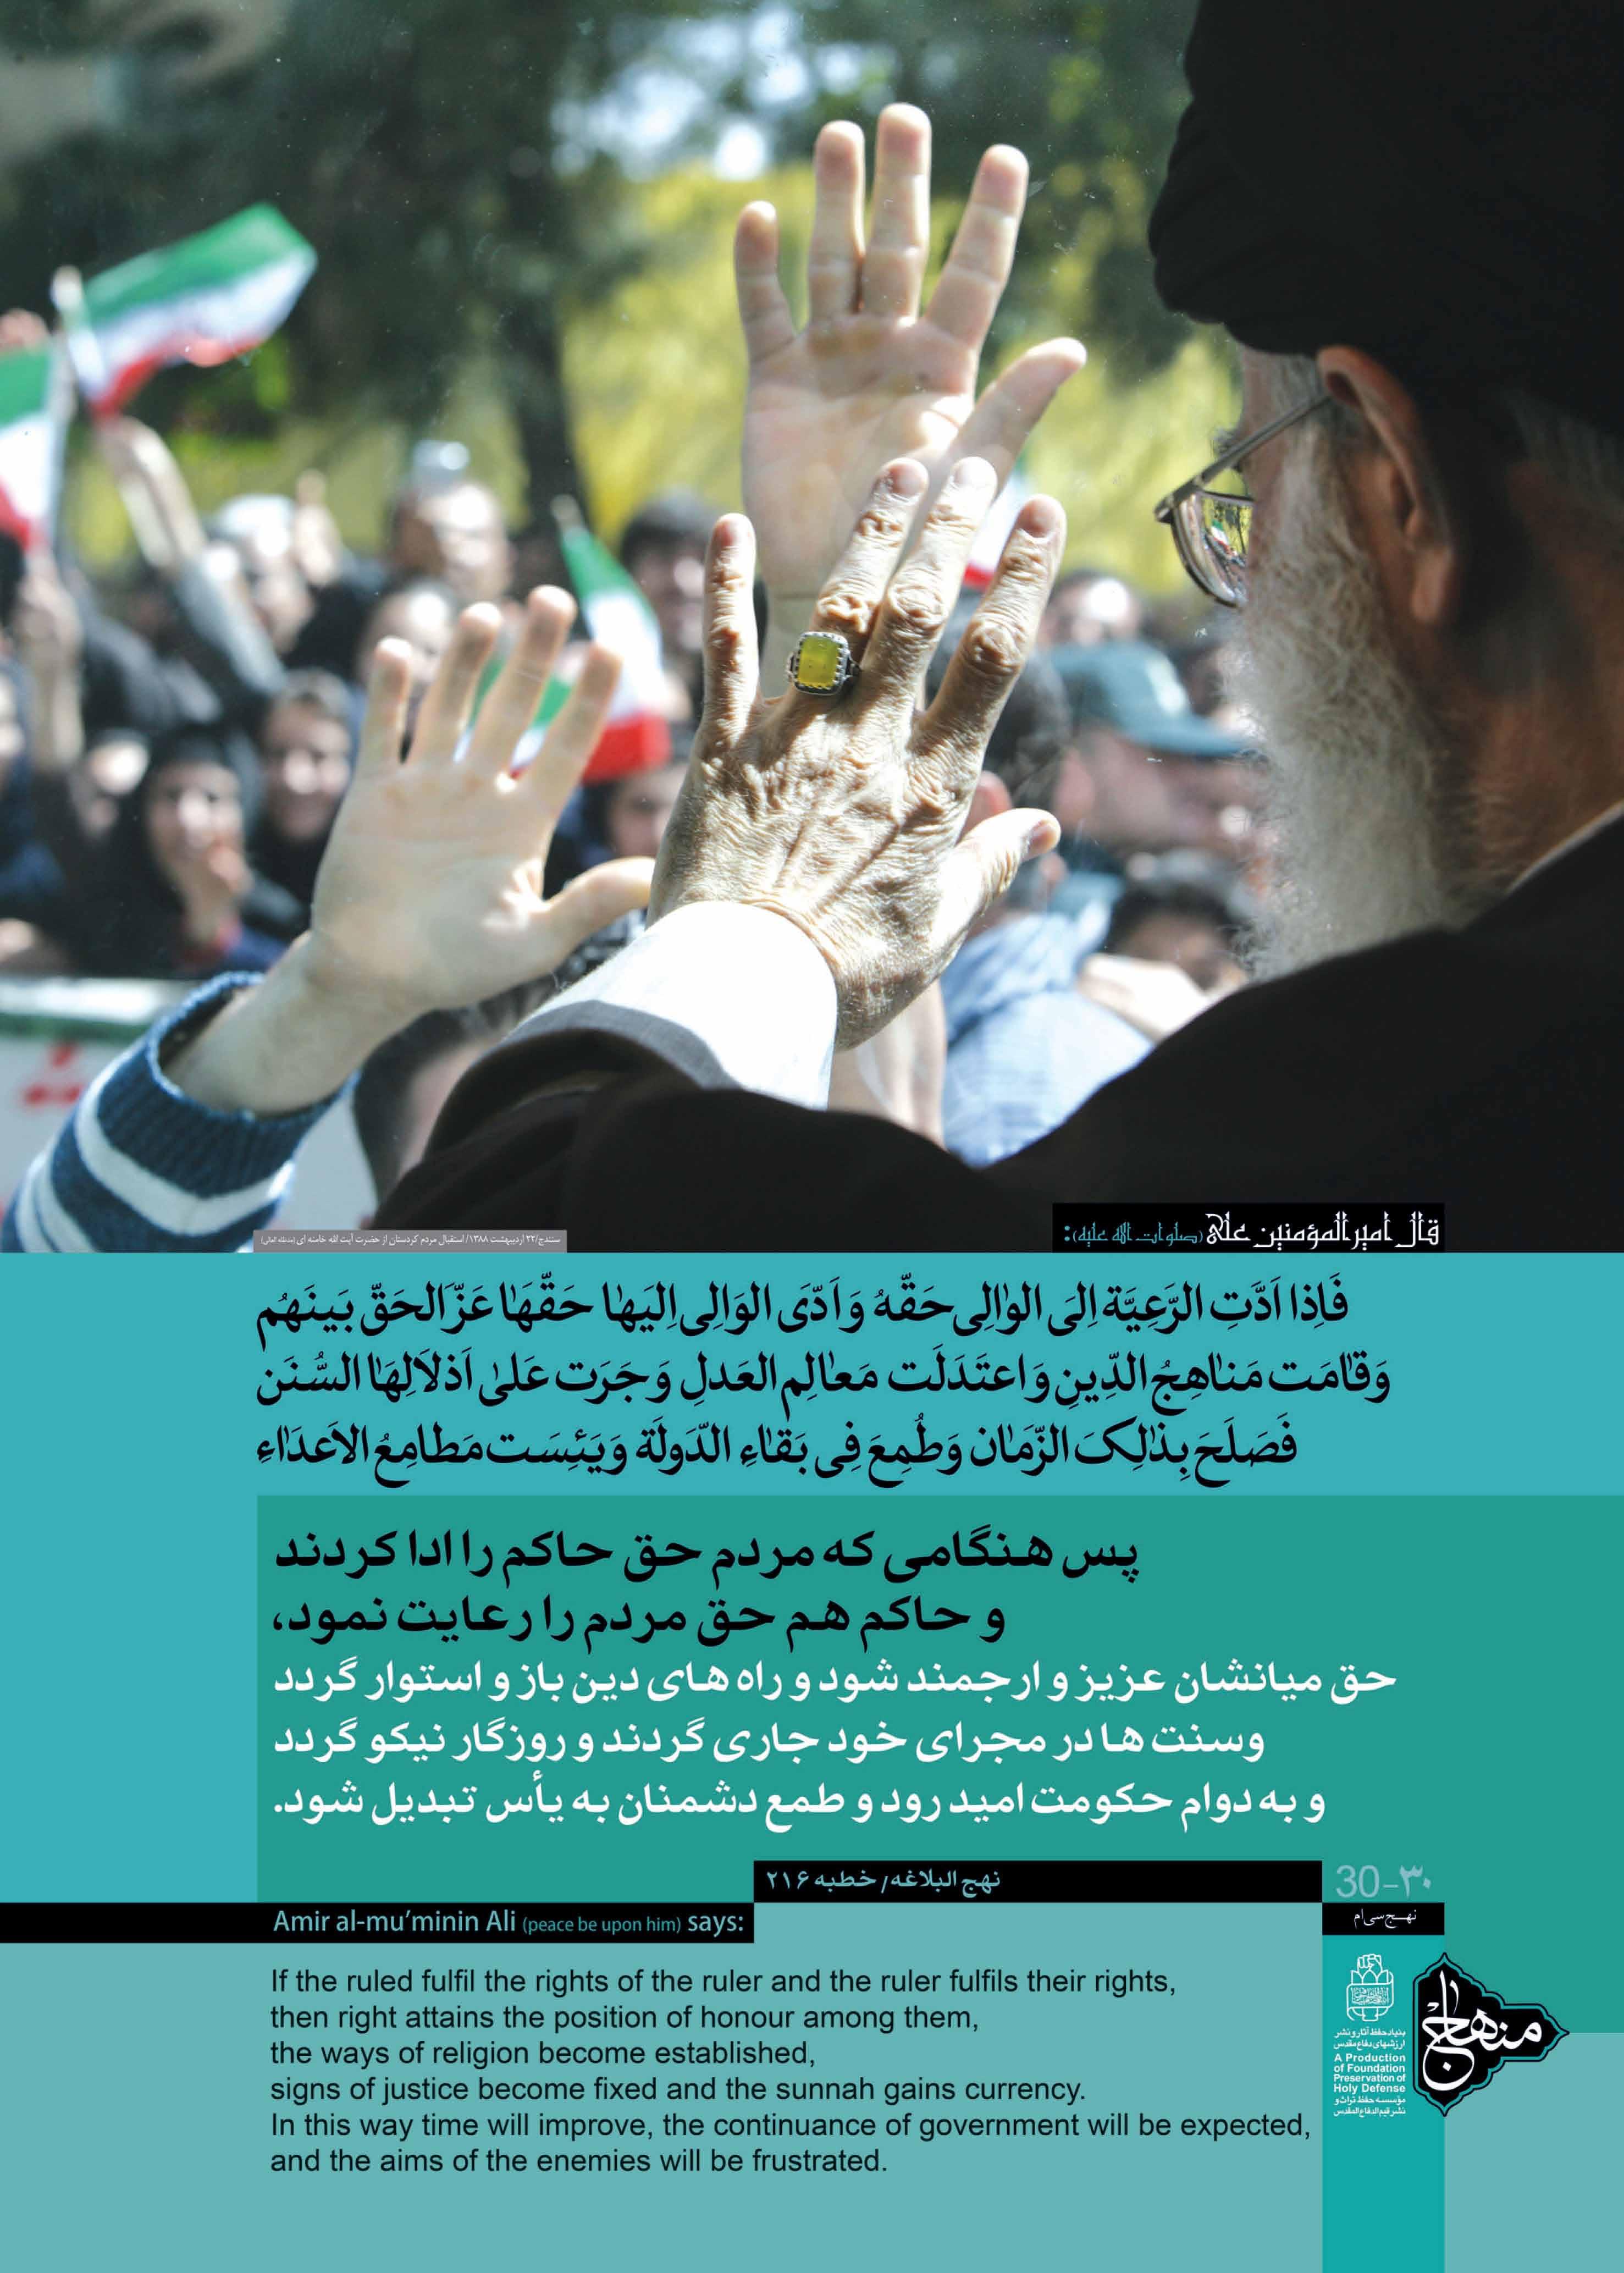 menhaj_Page_24_139642491159.jpg -